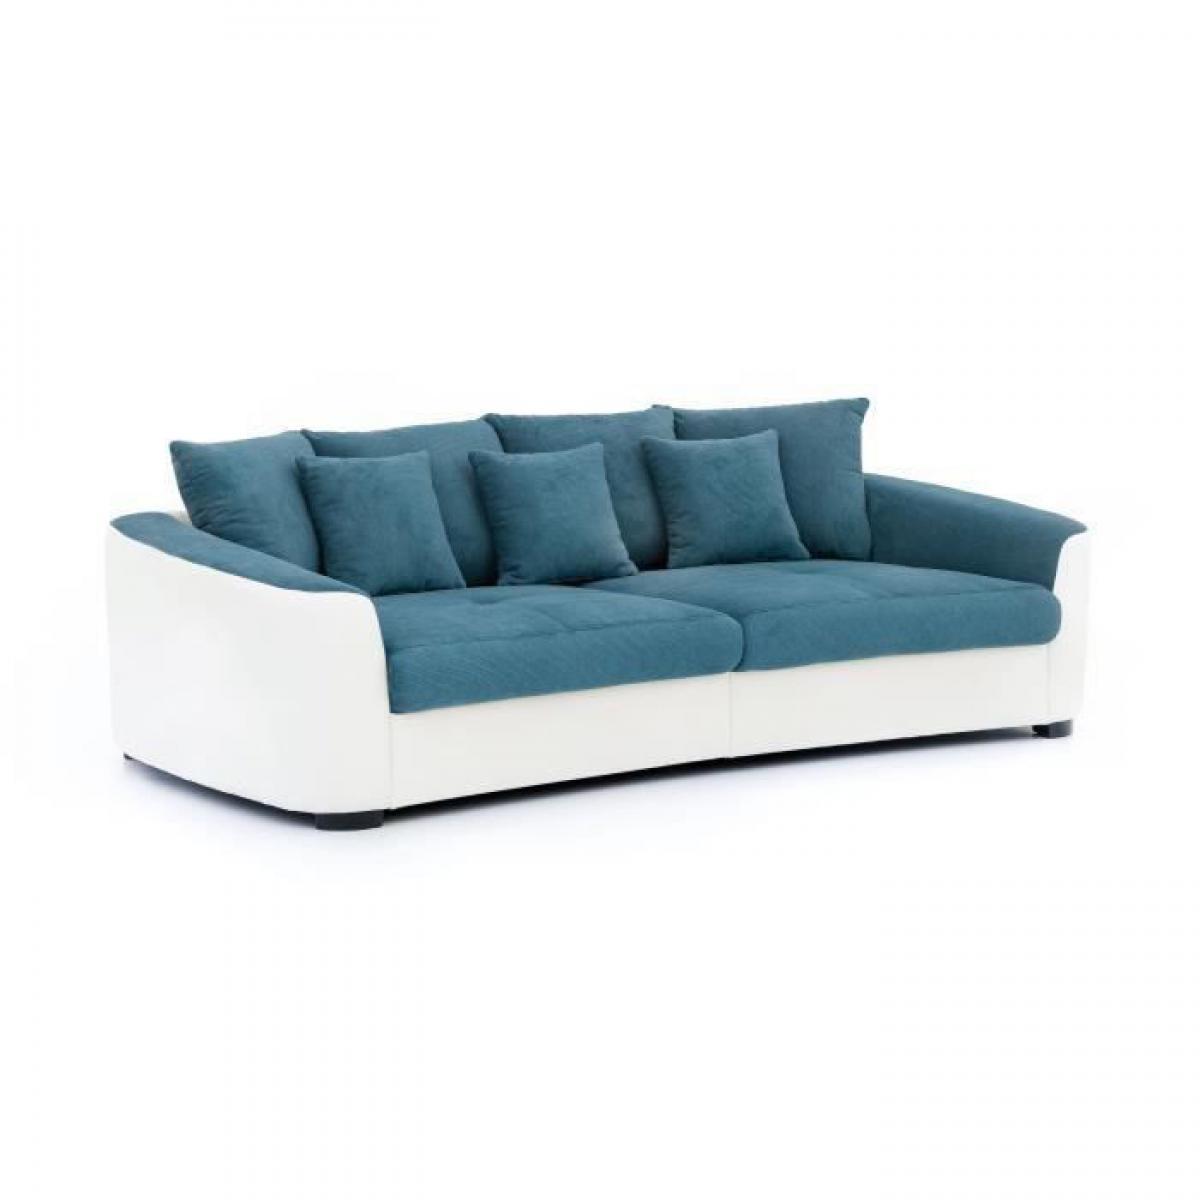 Sans Marque TAHITI MEGASOFA Canape droit 4 places + 3 coussins de deco - Simili et tissu bleu et blanc - L 242 x p 129 x H 84 cm